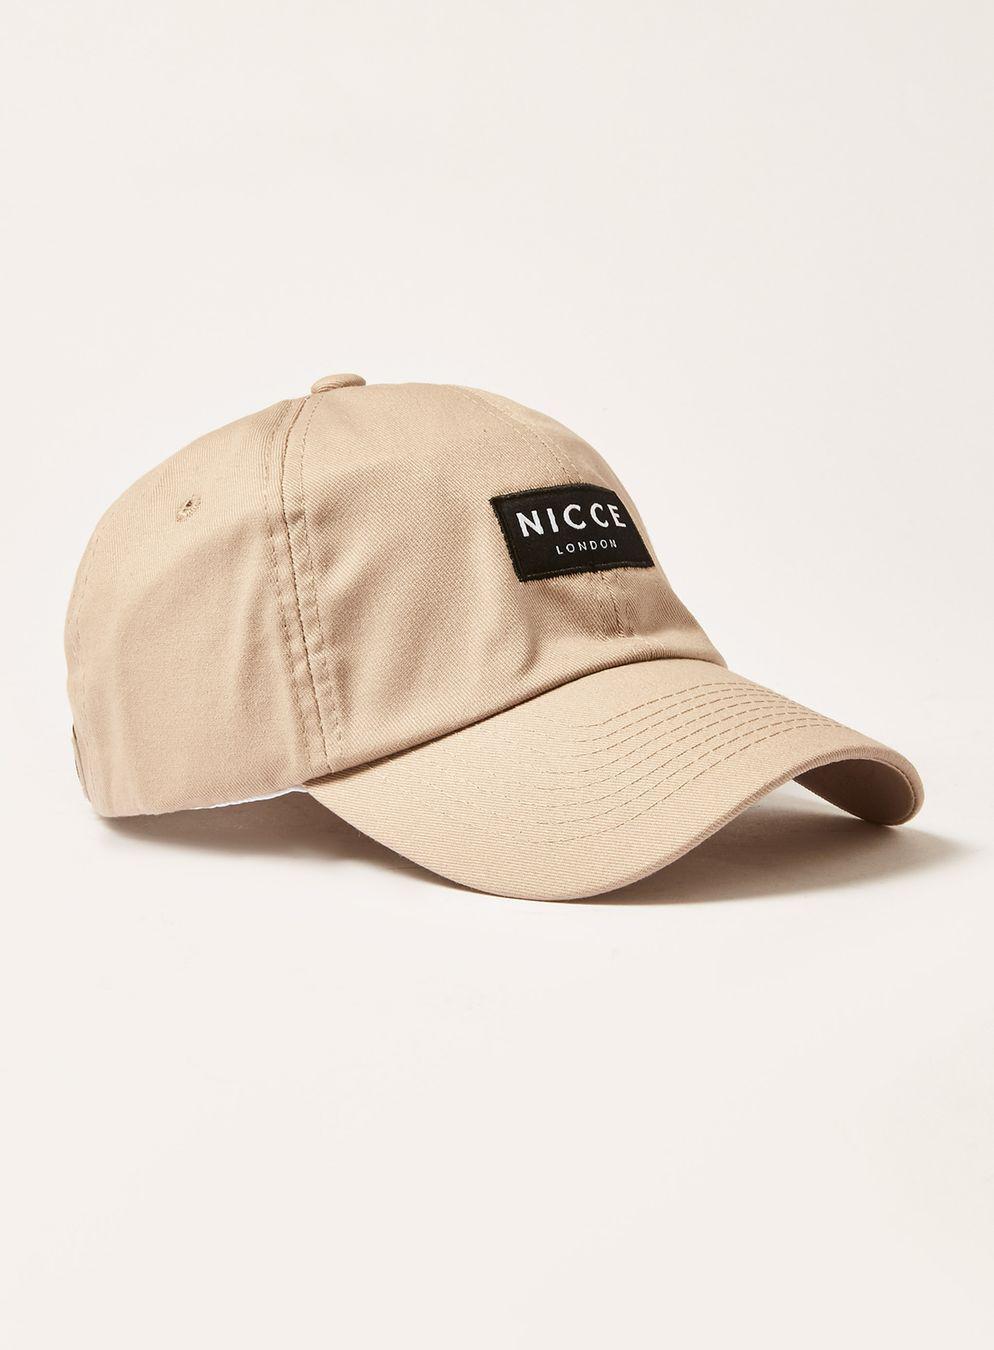 Lyst - Nicce London Tone Curve Peak Cap in Natural for Men f5d012f6fc77